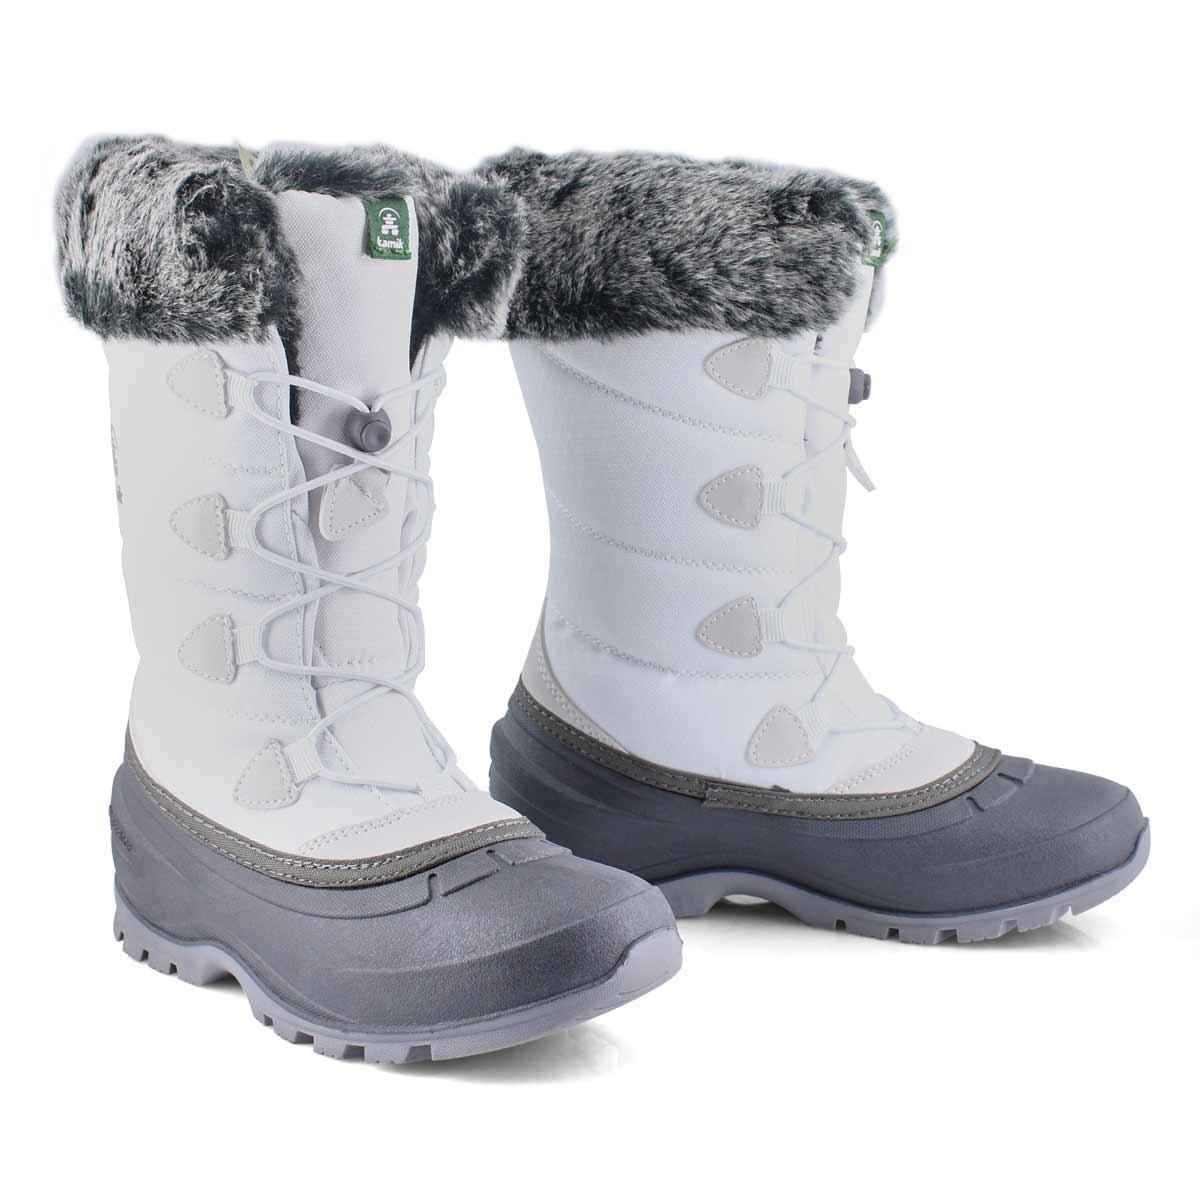 Lds Momentum2 white winter boot